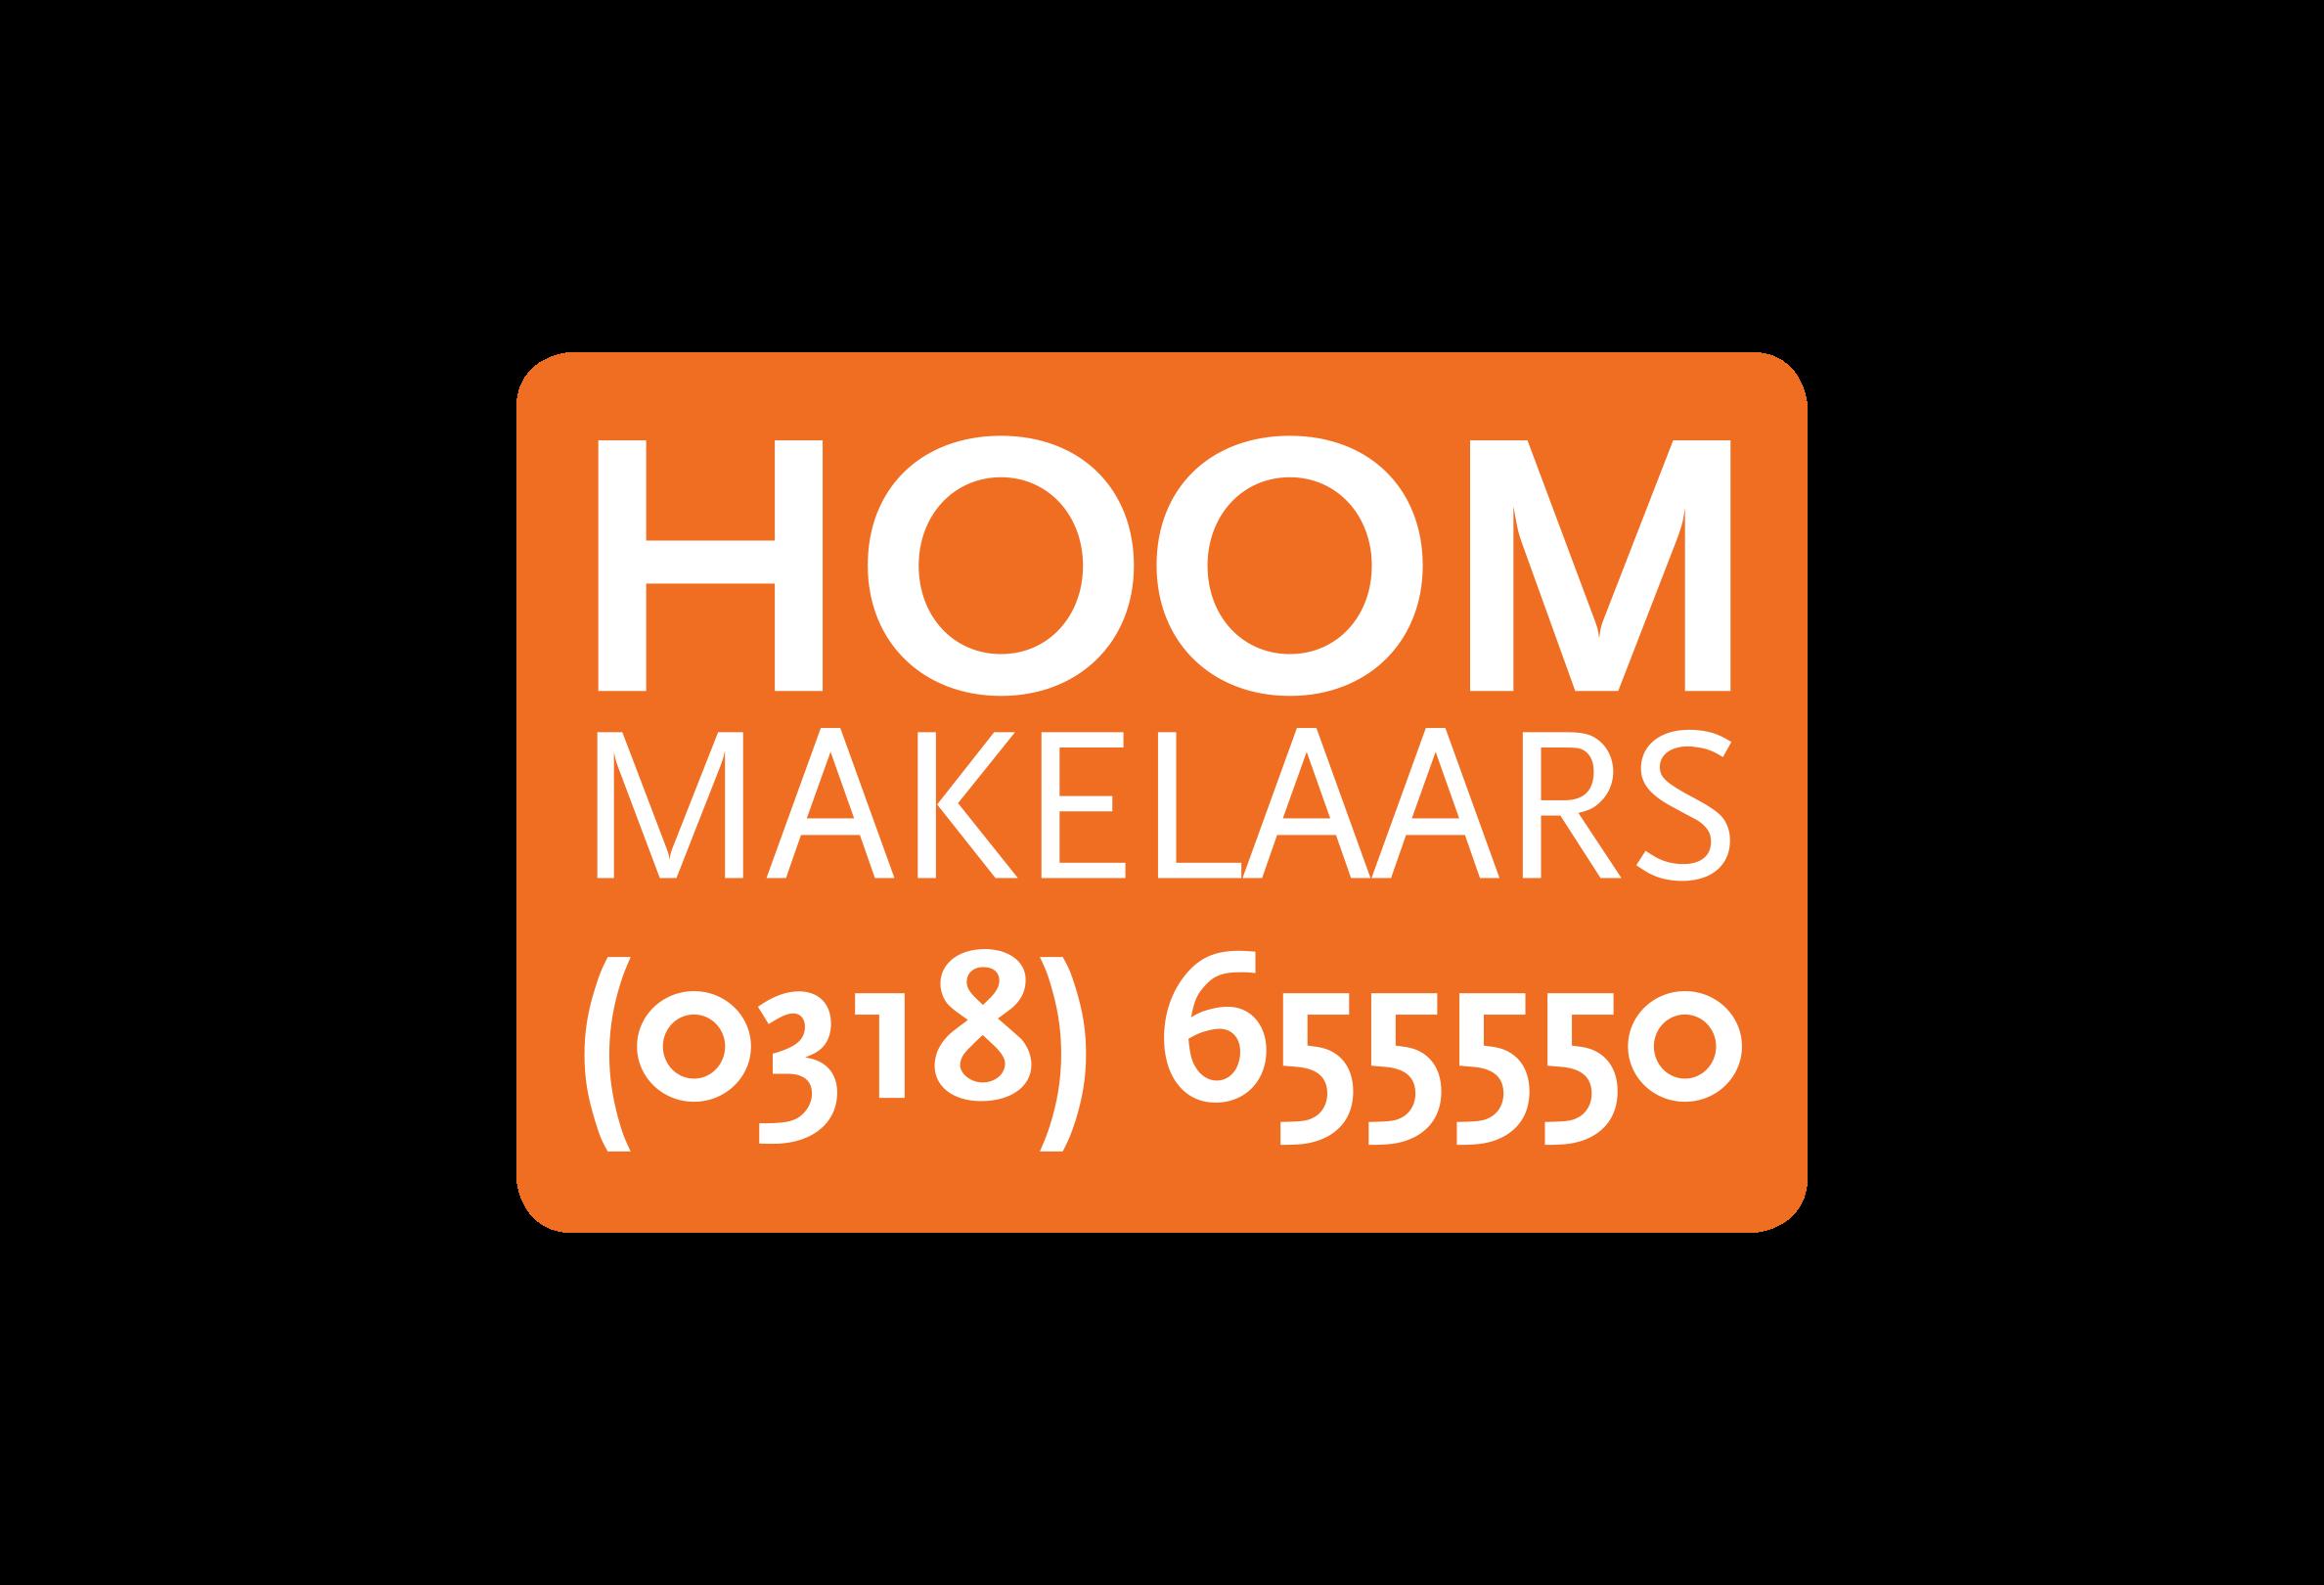 Logo HOOM makelaars